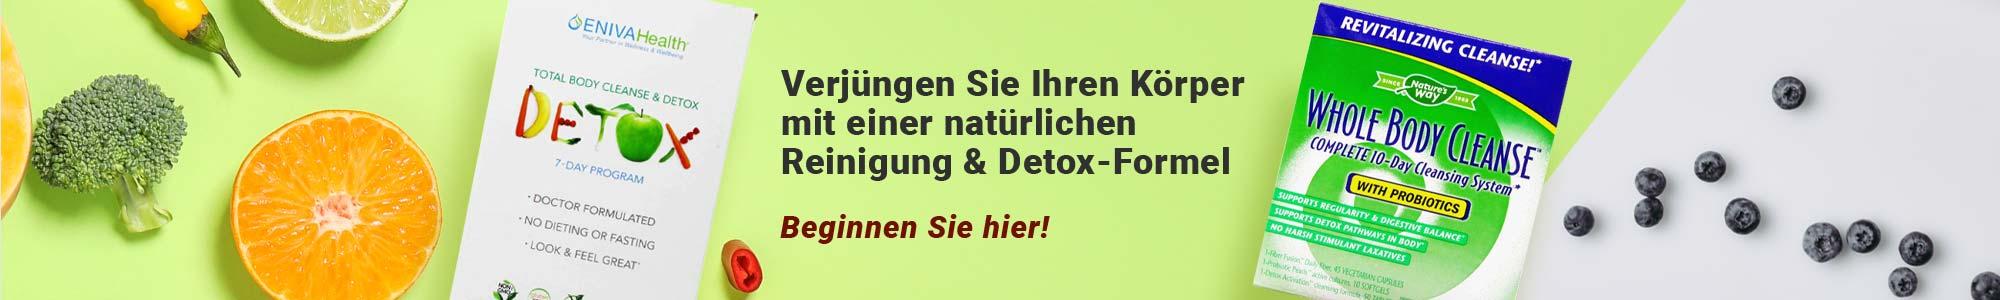 Verjüngen Sie Ihren Körper mit einer natürlichen Reinigung & Detox-Formel. Beginnen Sie hier!